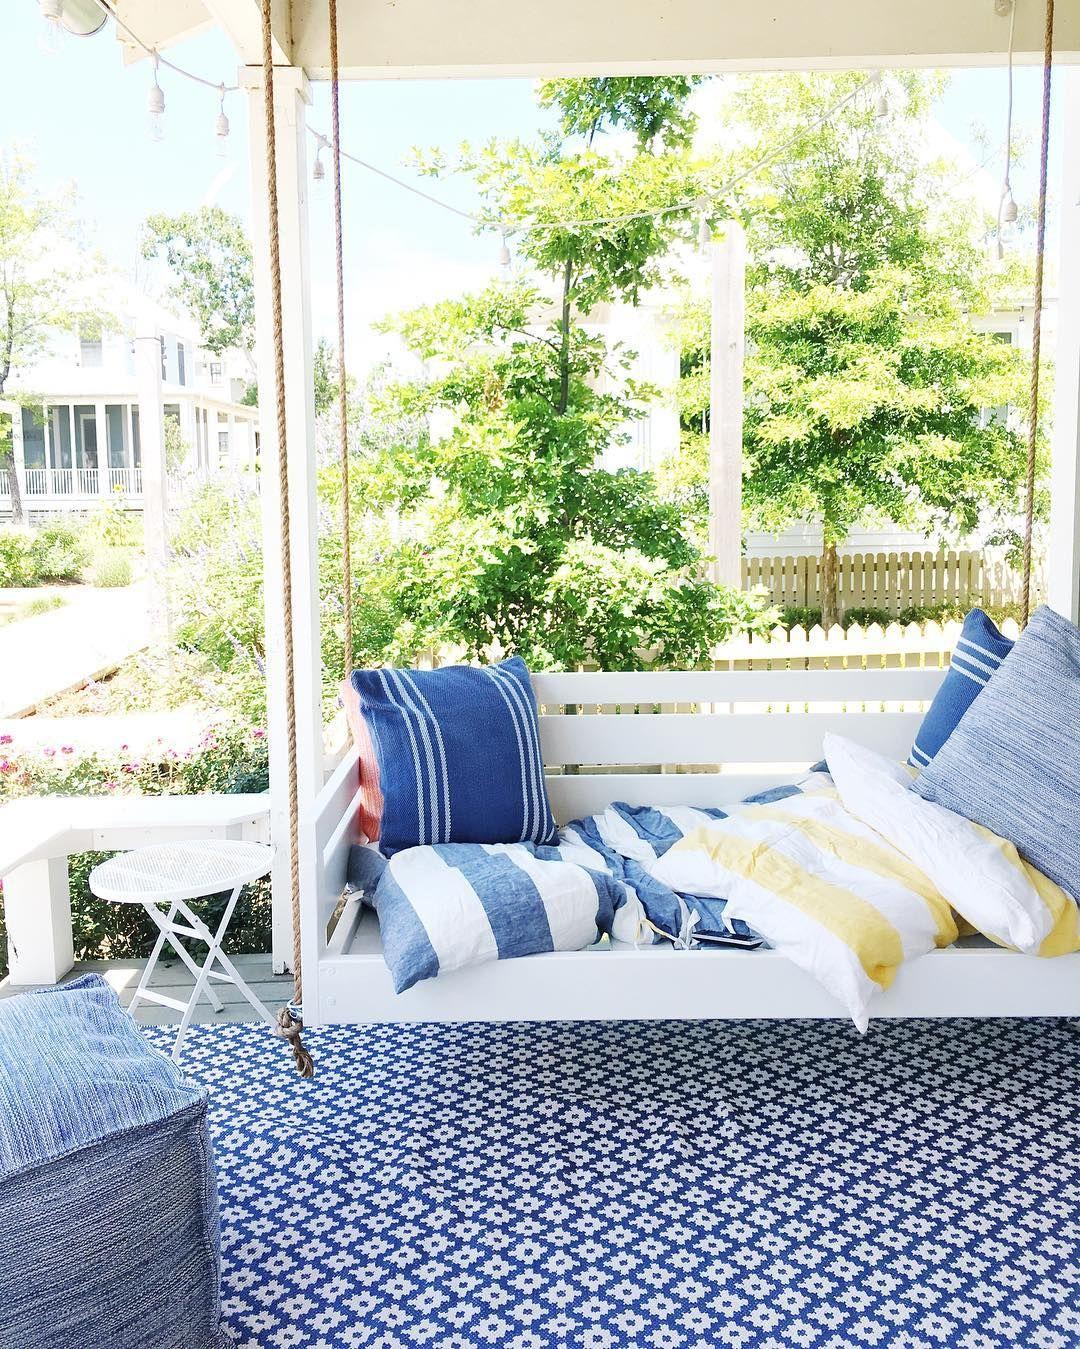 Outdoor daybed swing for Divan instagram